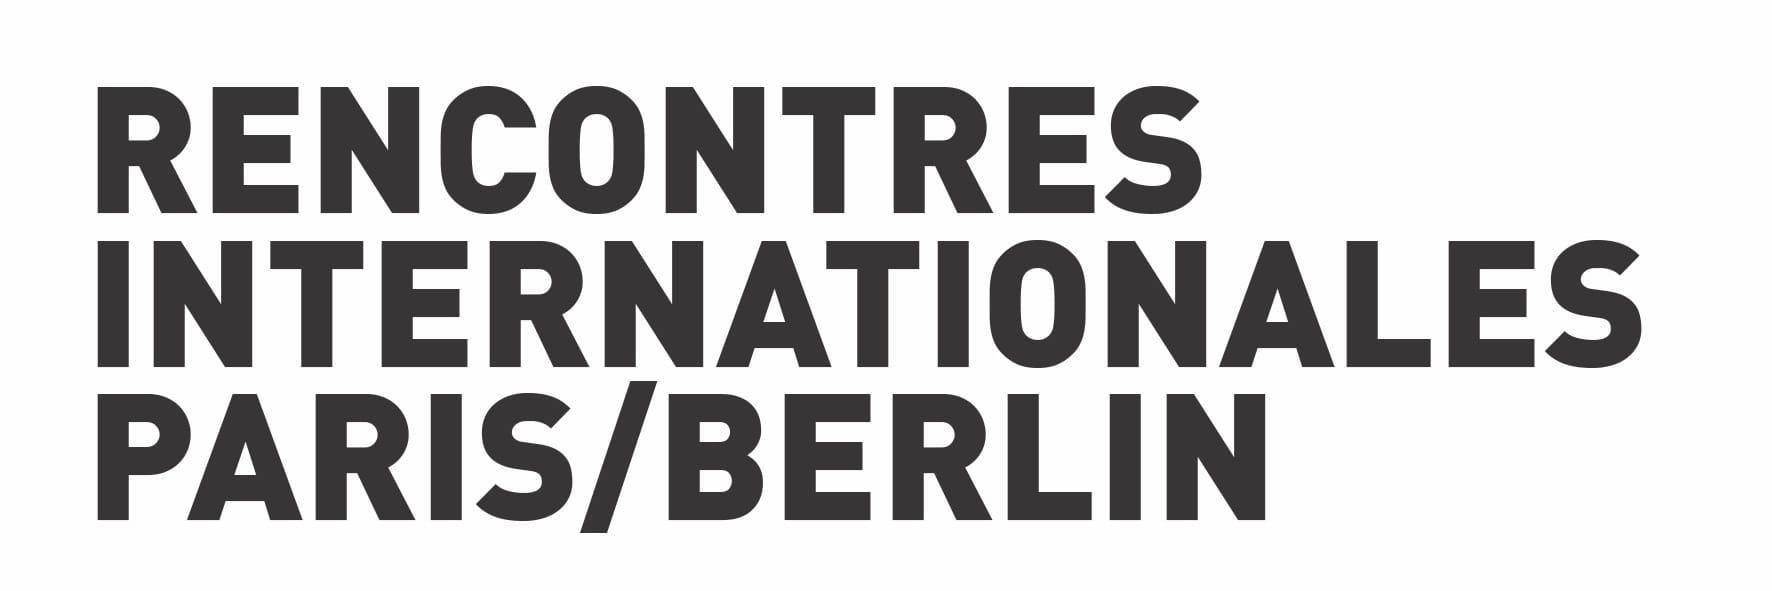 Rencontres Internationales Paris/Berlin image logo nouveau cinéma art contemporain